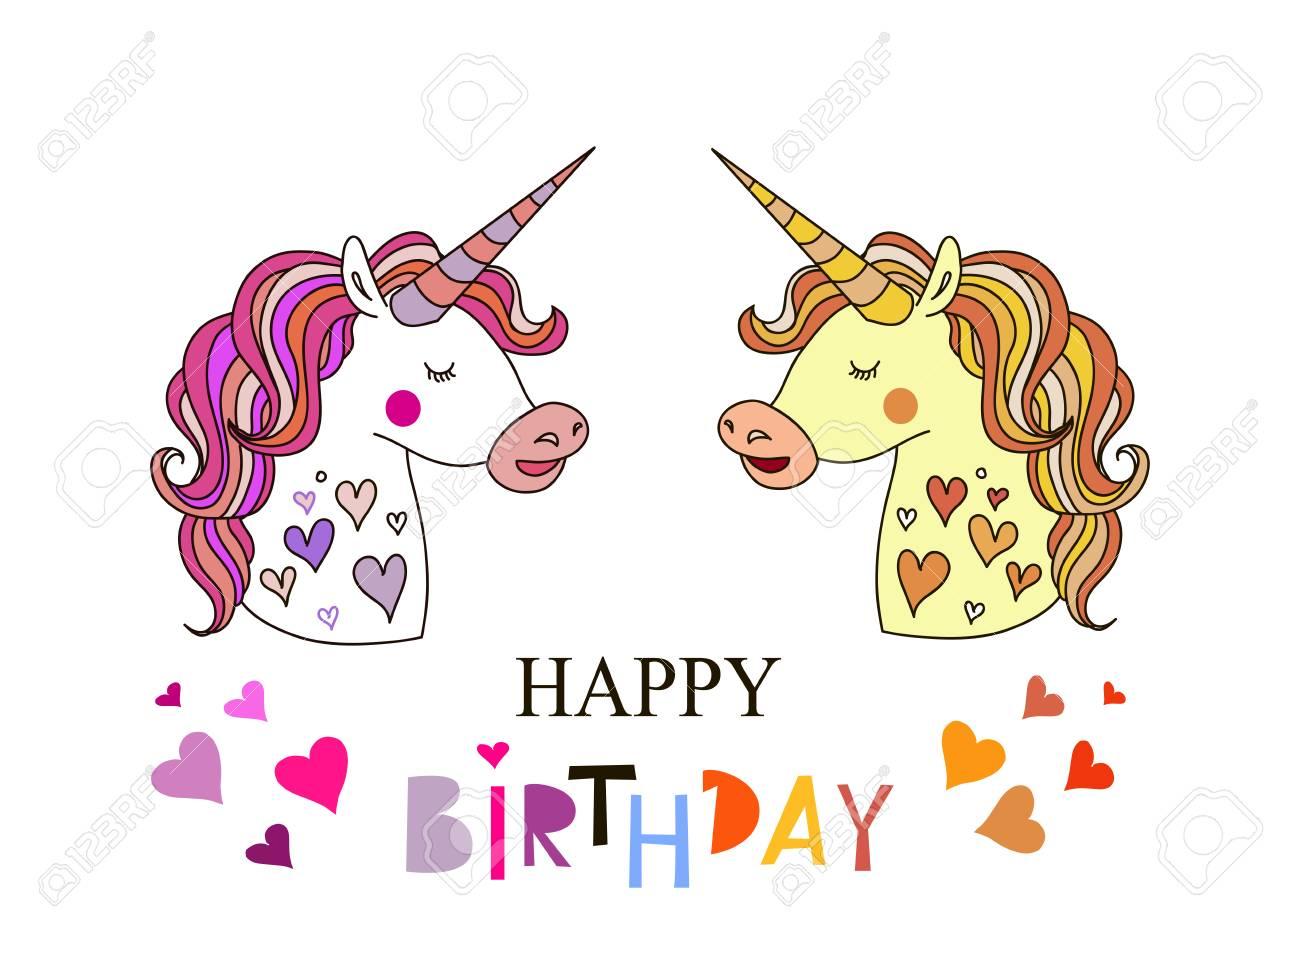 Happy Birthday Birthday Greeting Card Design Cute Hand Drawn